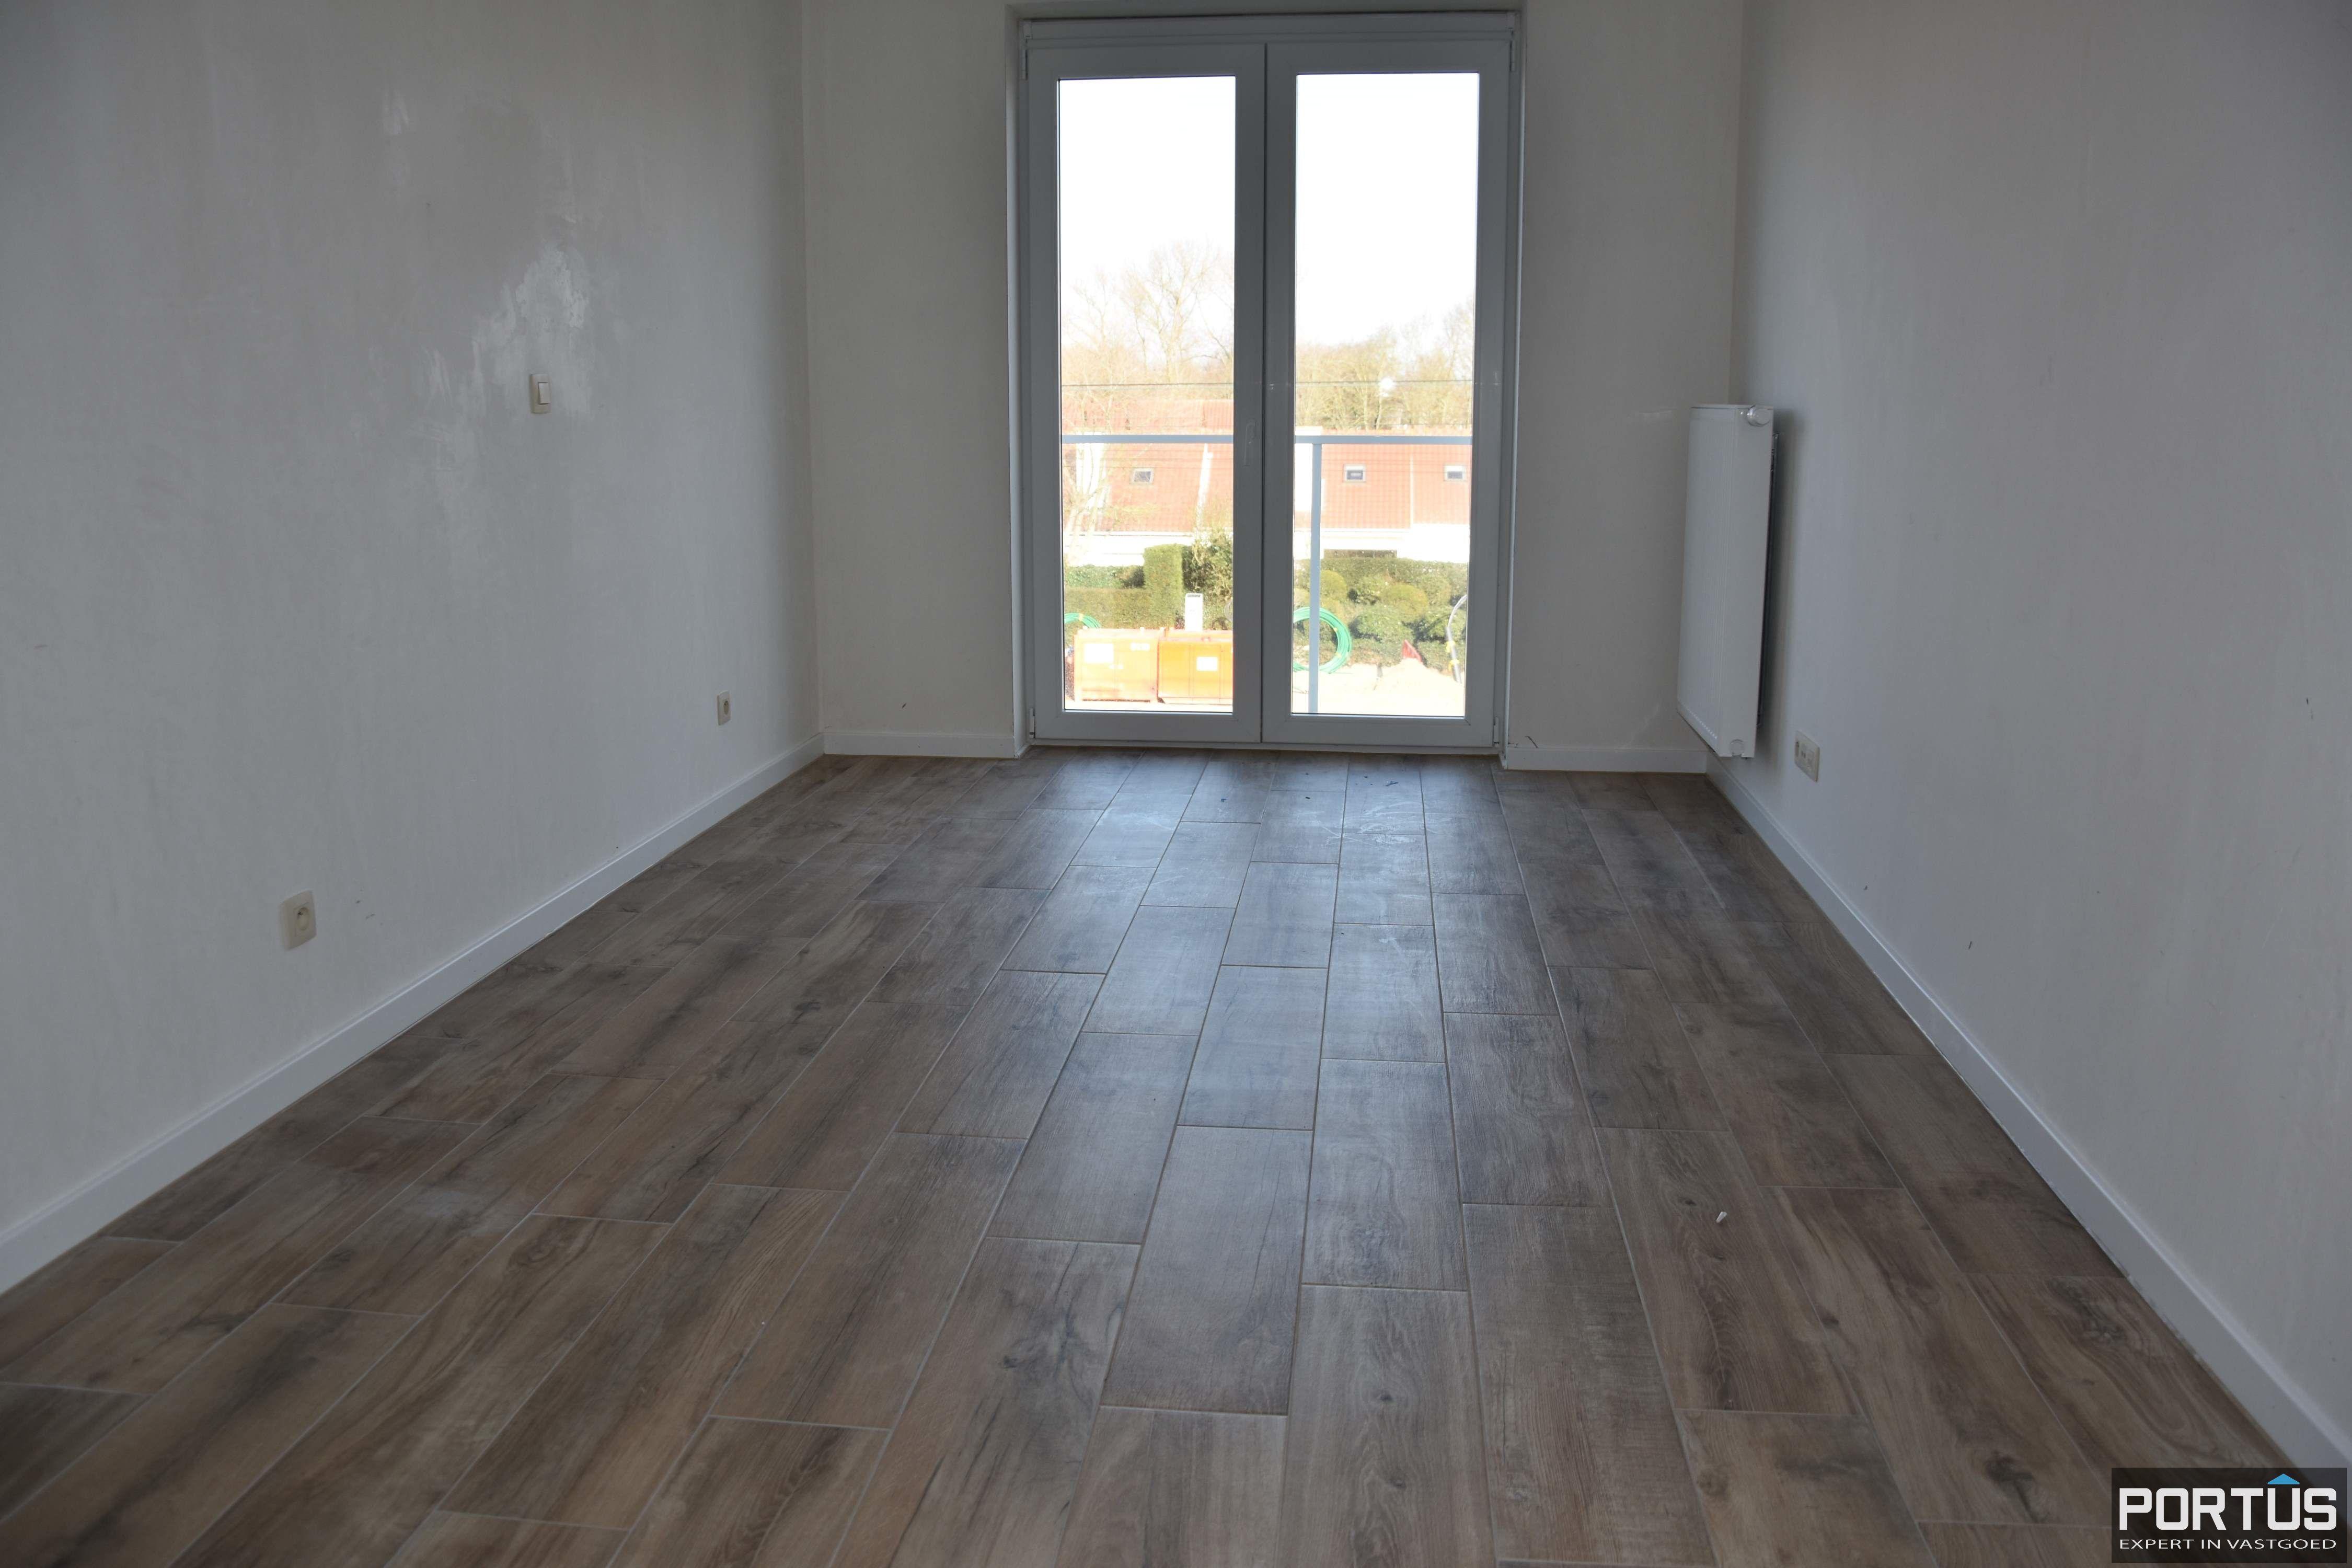 Appartement te koop met 3 slaapkamers, 2 badkamers en groot terras  - 9340